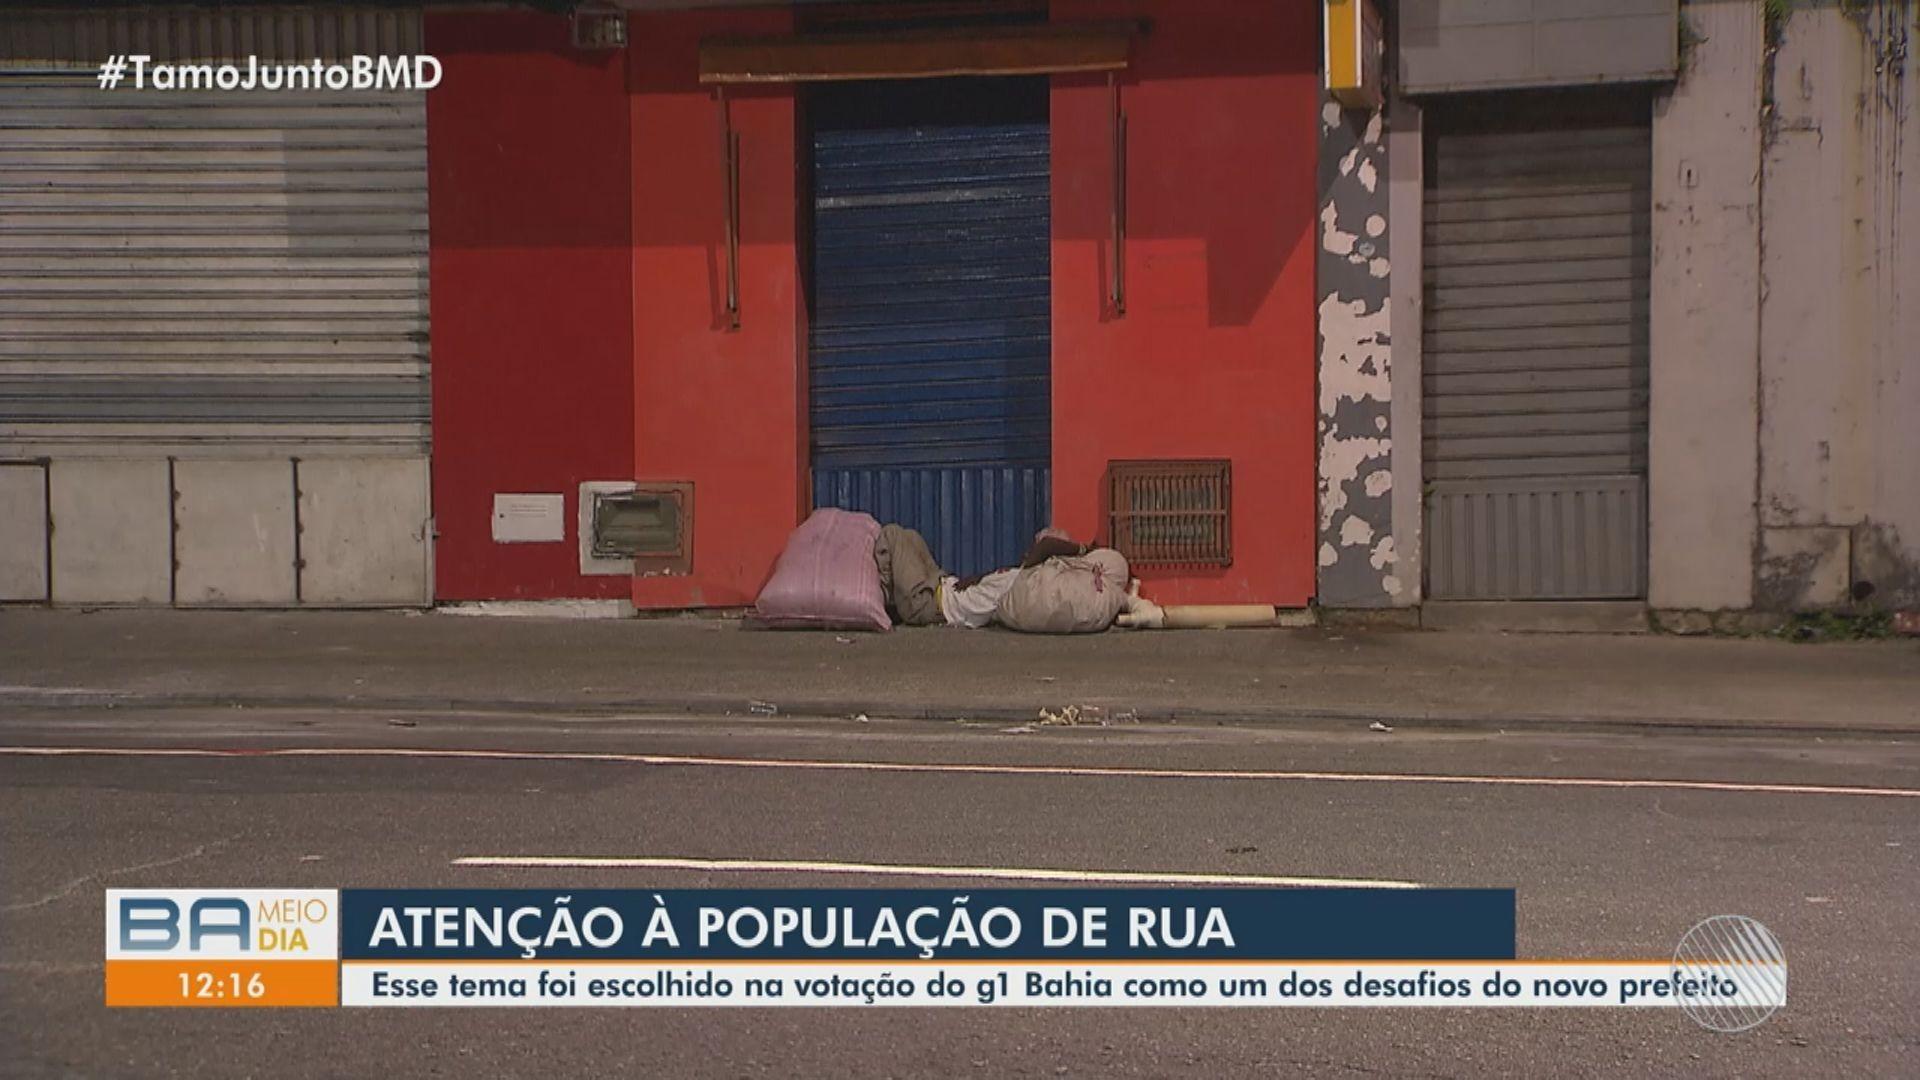 VÍDEOS: Veja as respostas dos candidatos à Prefeitura de Salvador sobre temas relevantes para a cidade